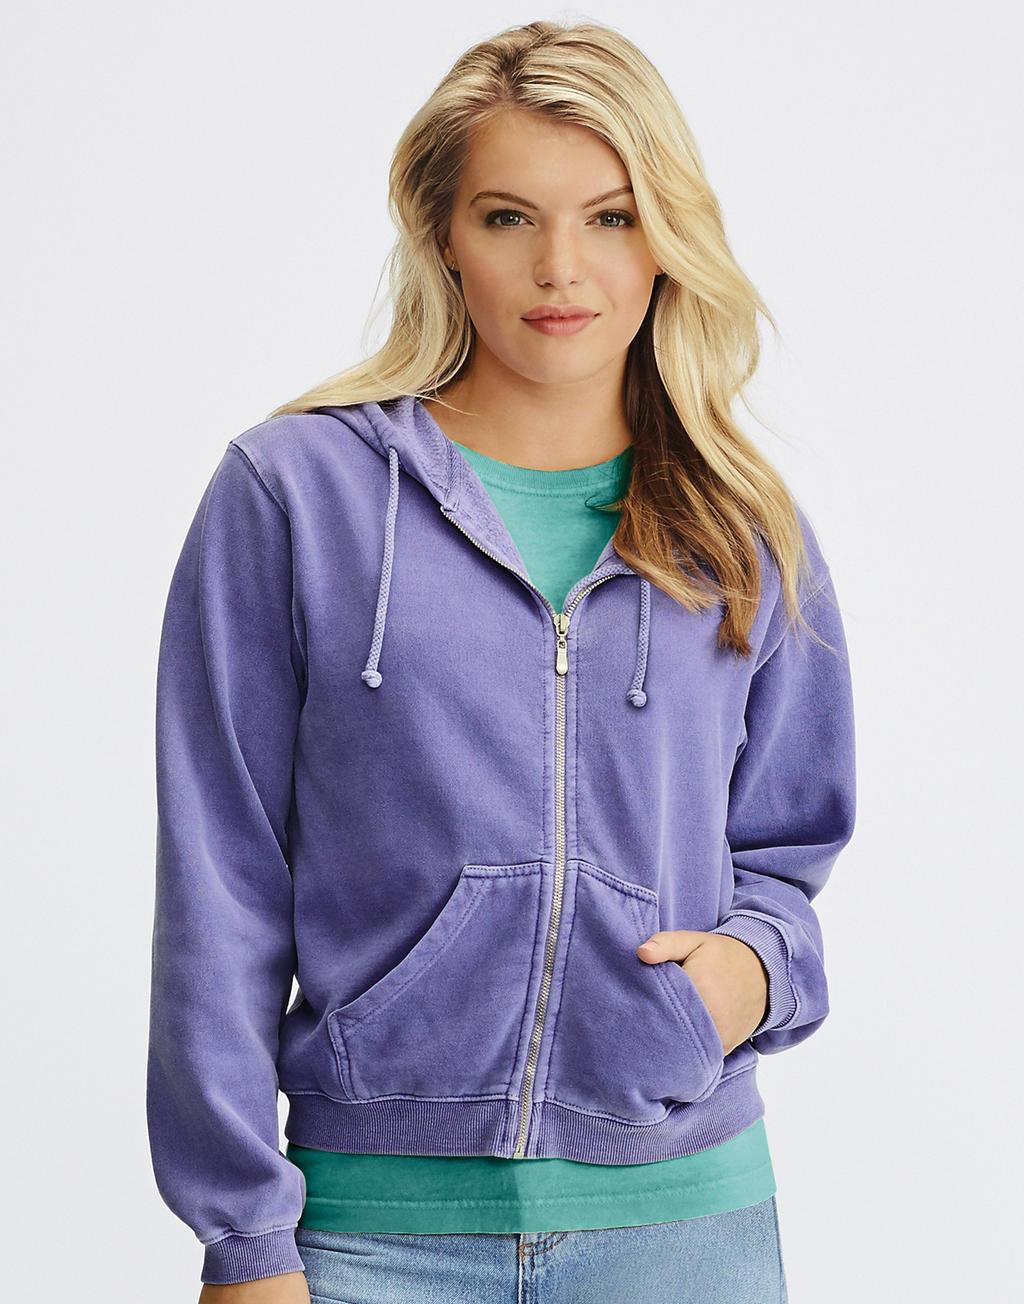 Sweats shirts personnalisable : Sweat capuche zippé femme